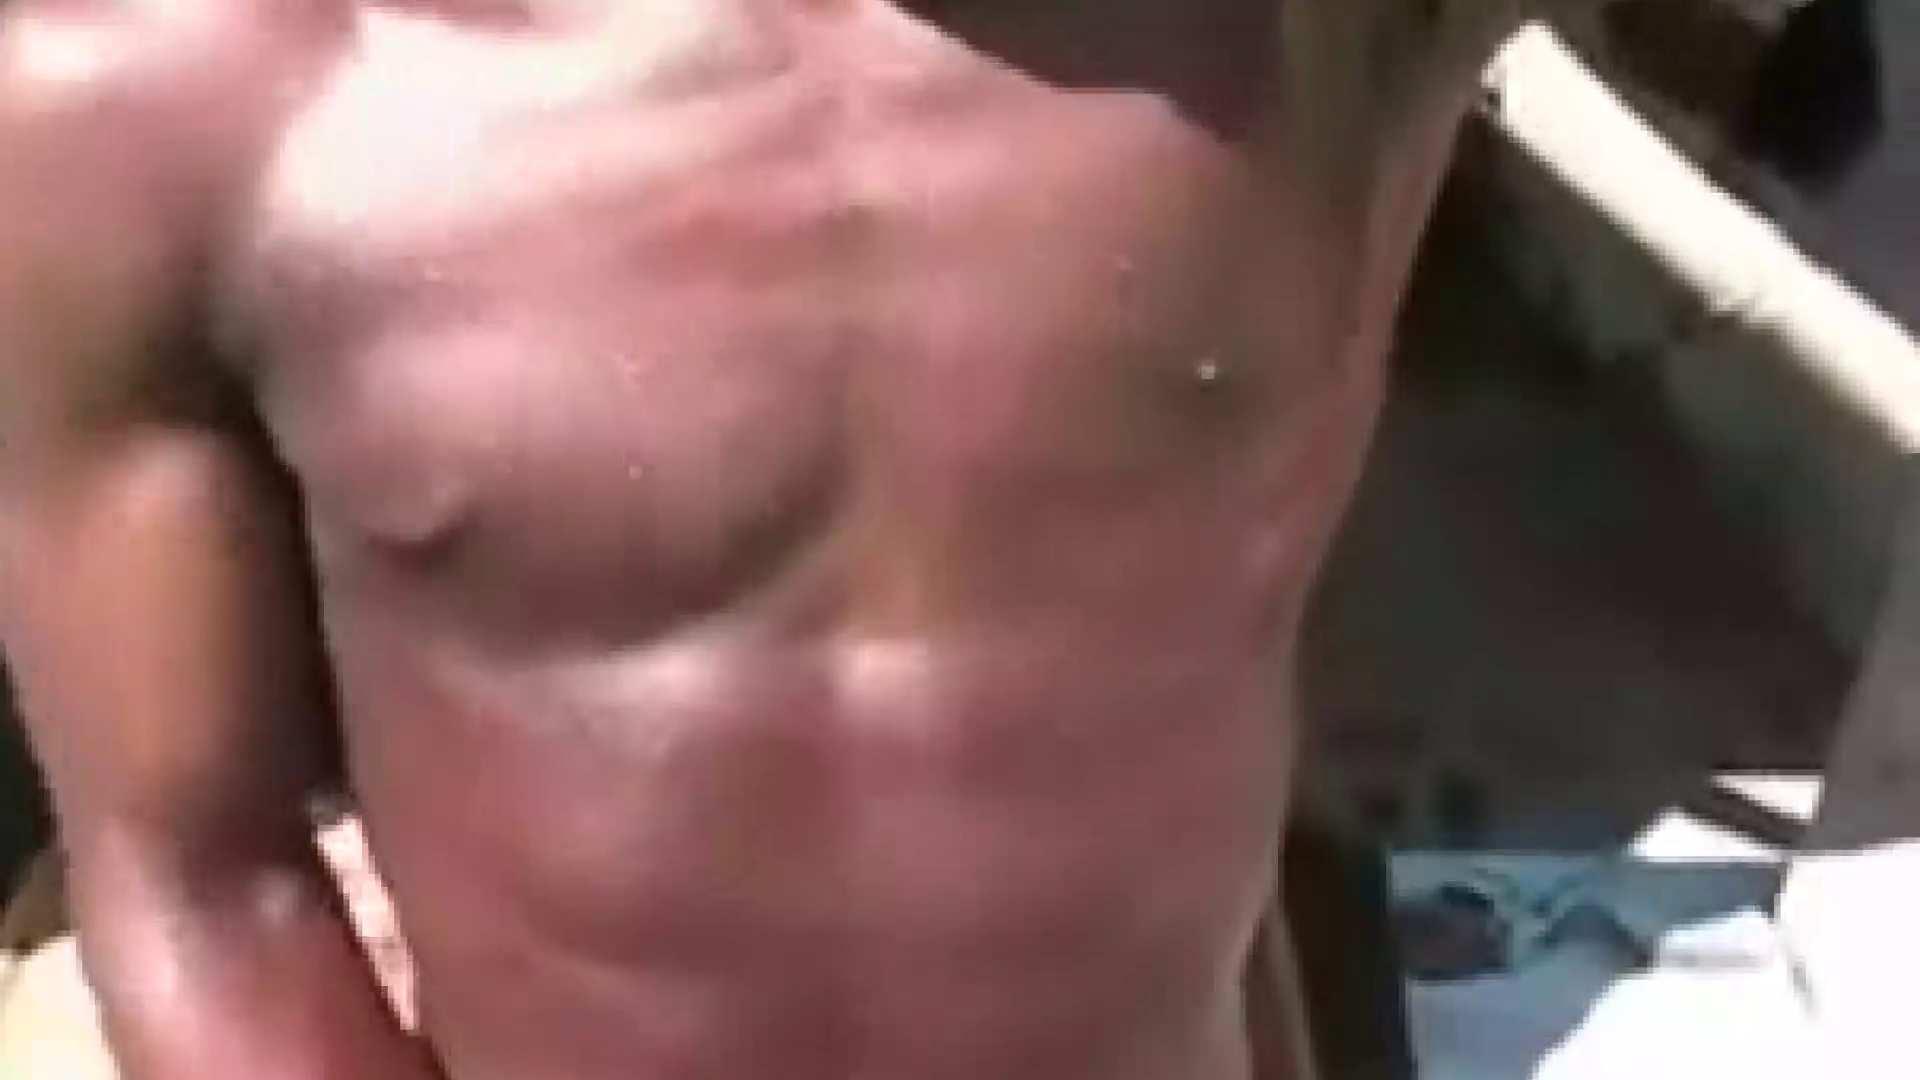 野生児 黒人のオナニー オナニー | 無修正 アダルトビデオ画像キャプチャ 109pic 61